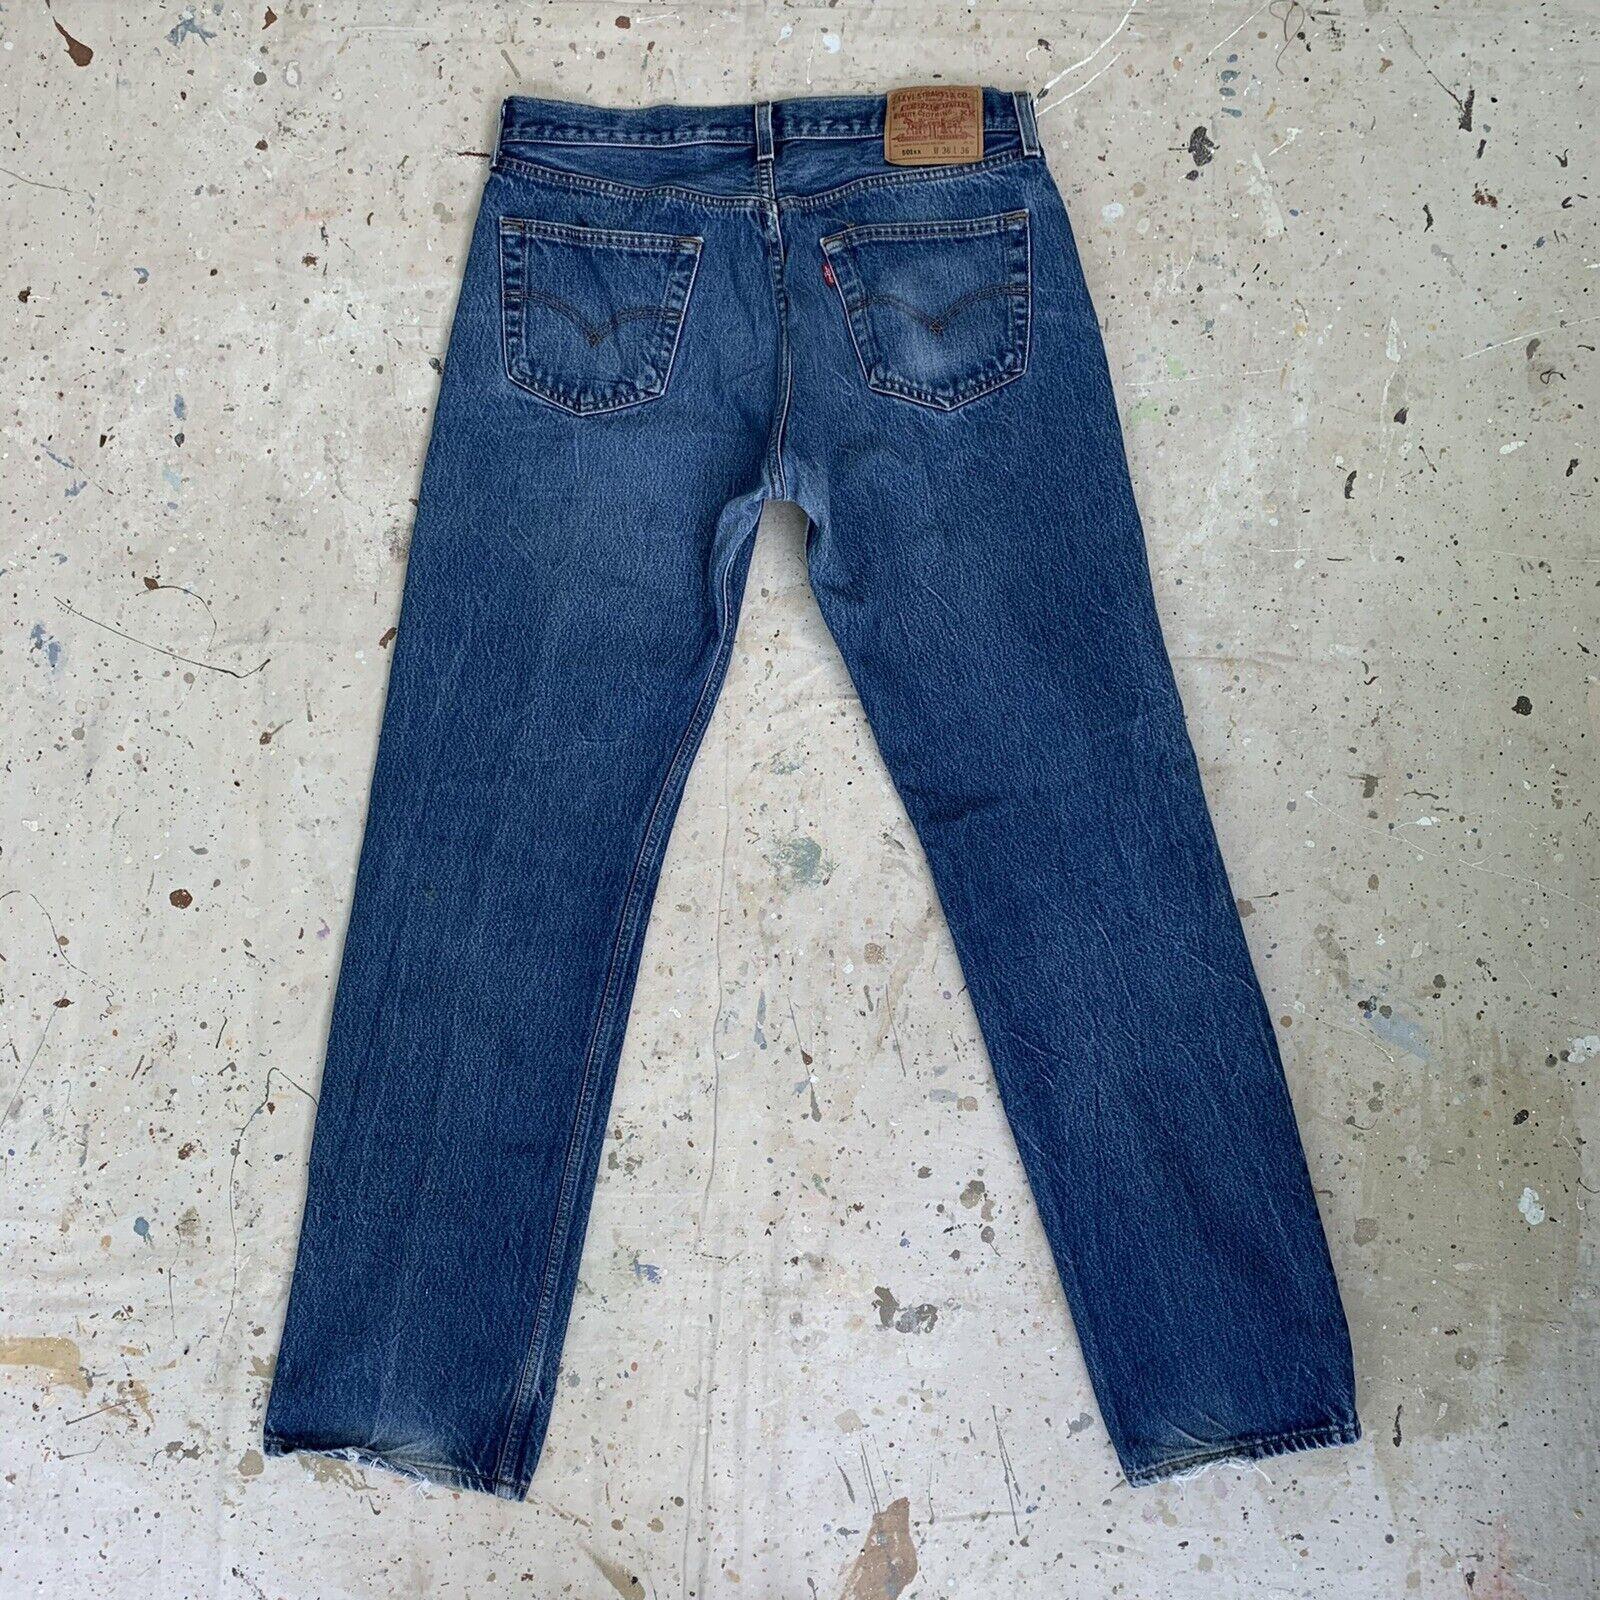 Vintage 90s Levis 501 Jeans Mens 36x36 - image 2